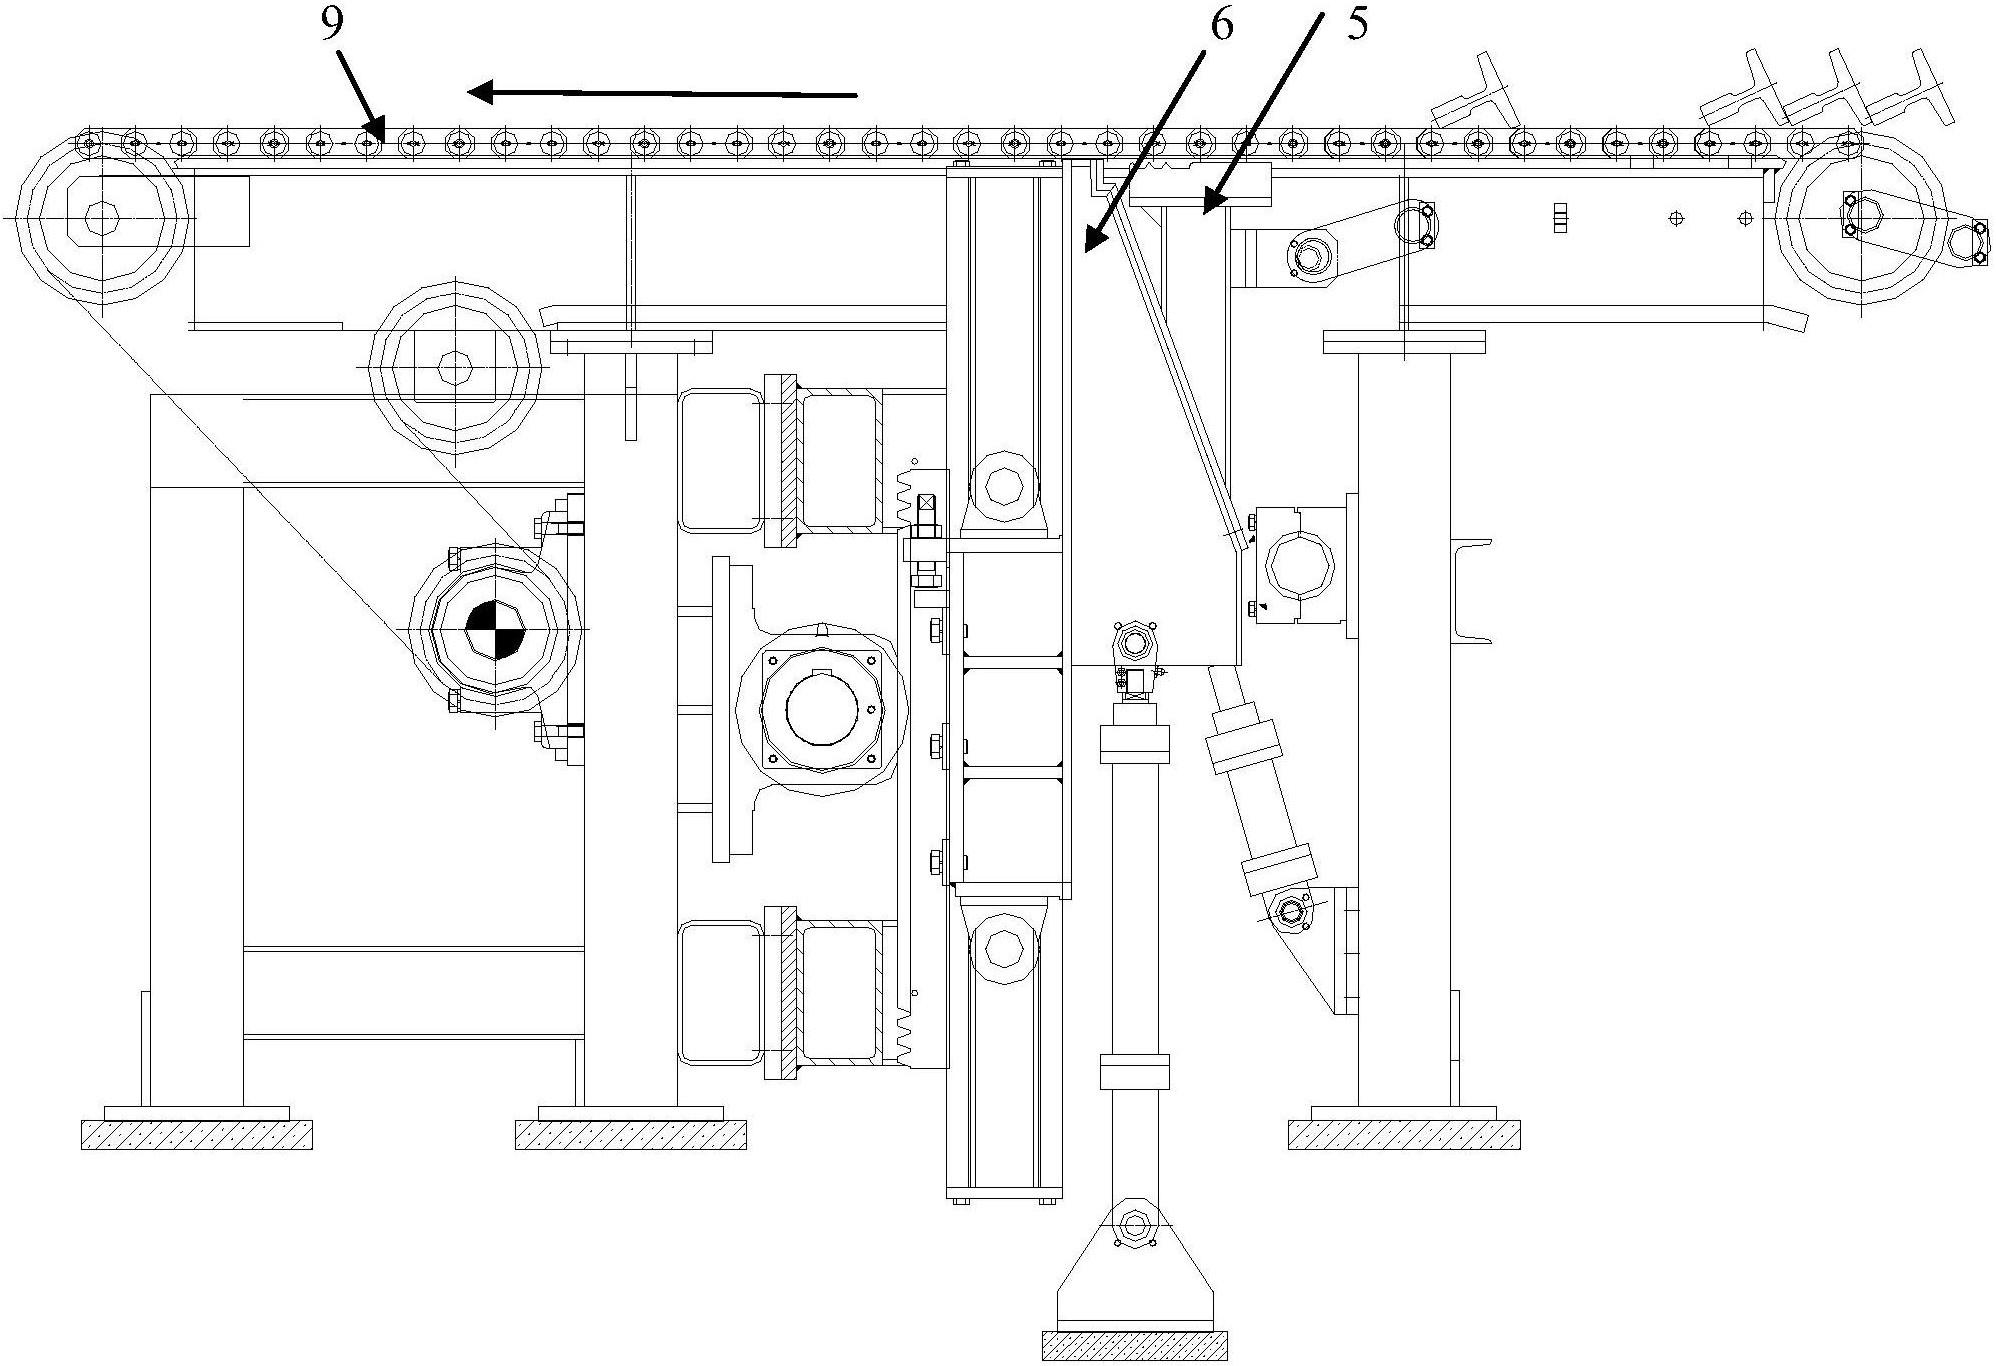 全自动码垛系统及工艺-附图3